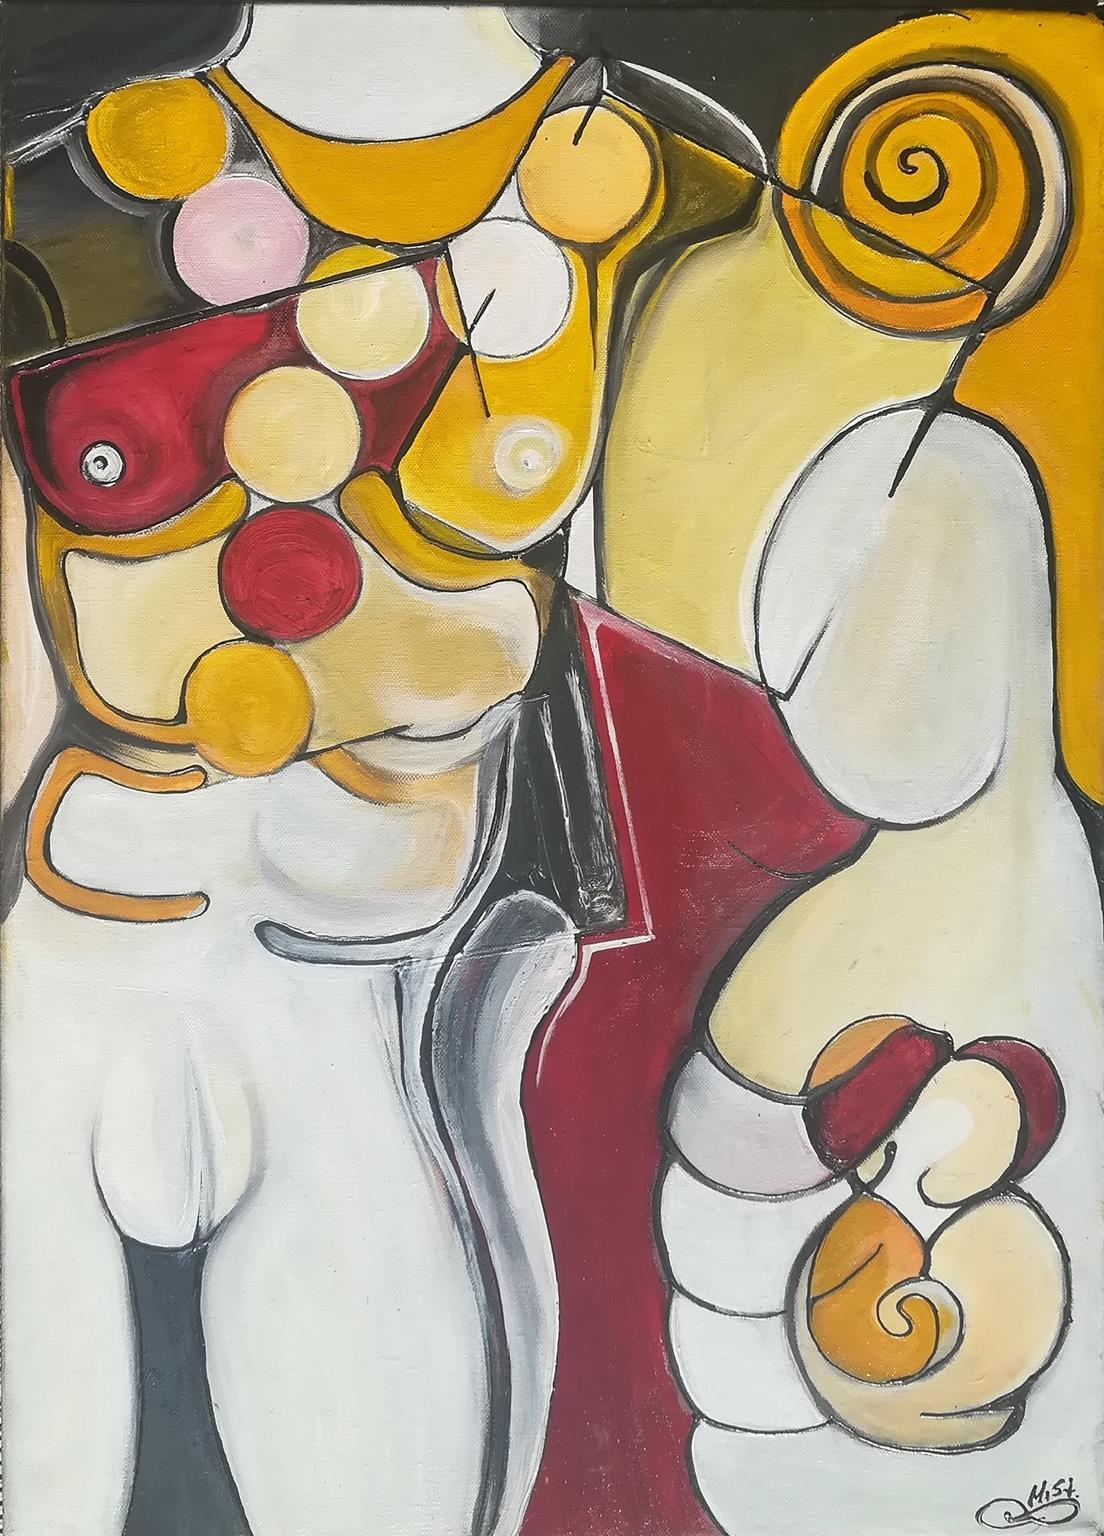 Σταυρούλα Μιτζιφίρη - MiSt, Καθρέφτες, 70x50cm, Λάδια